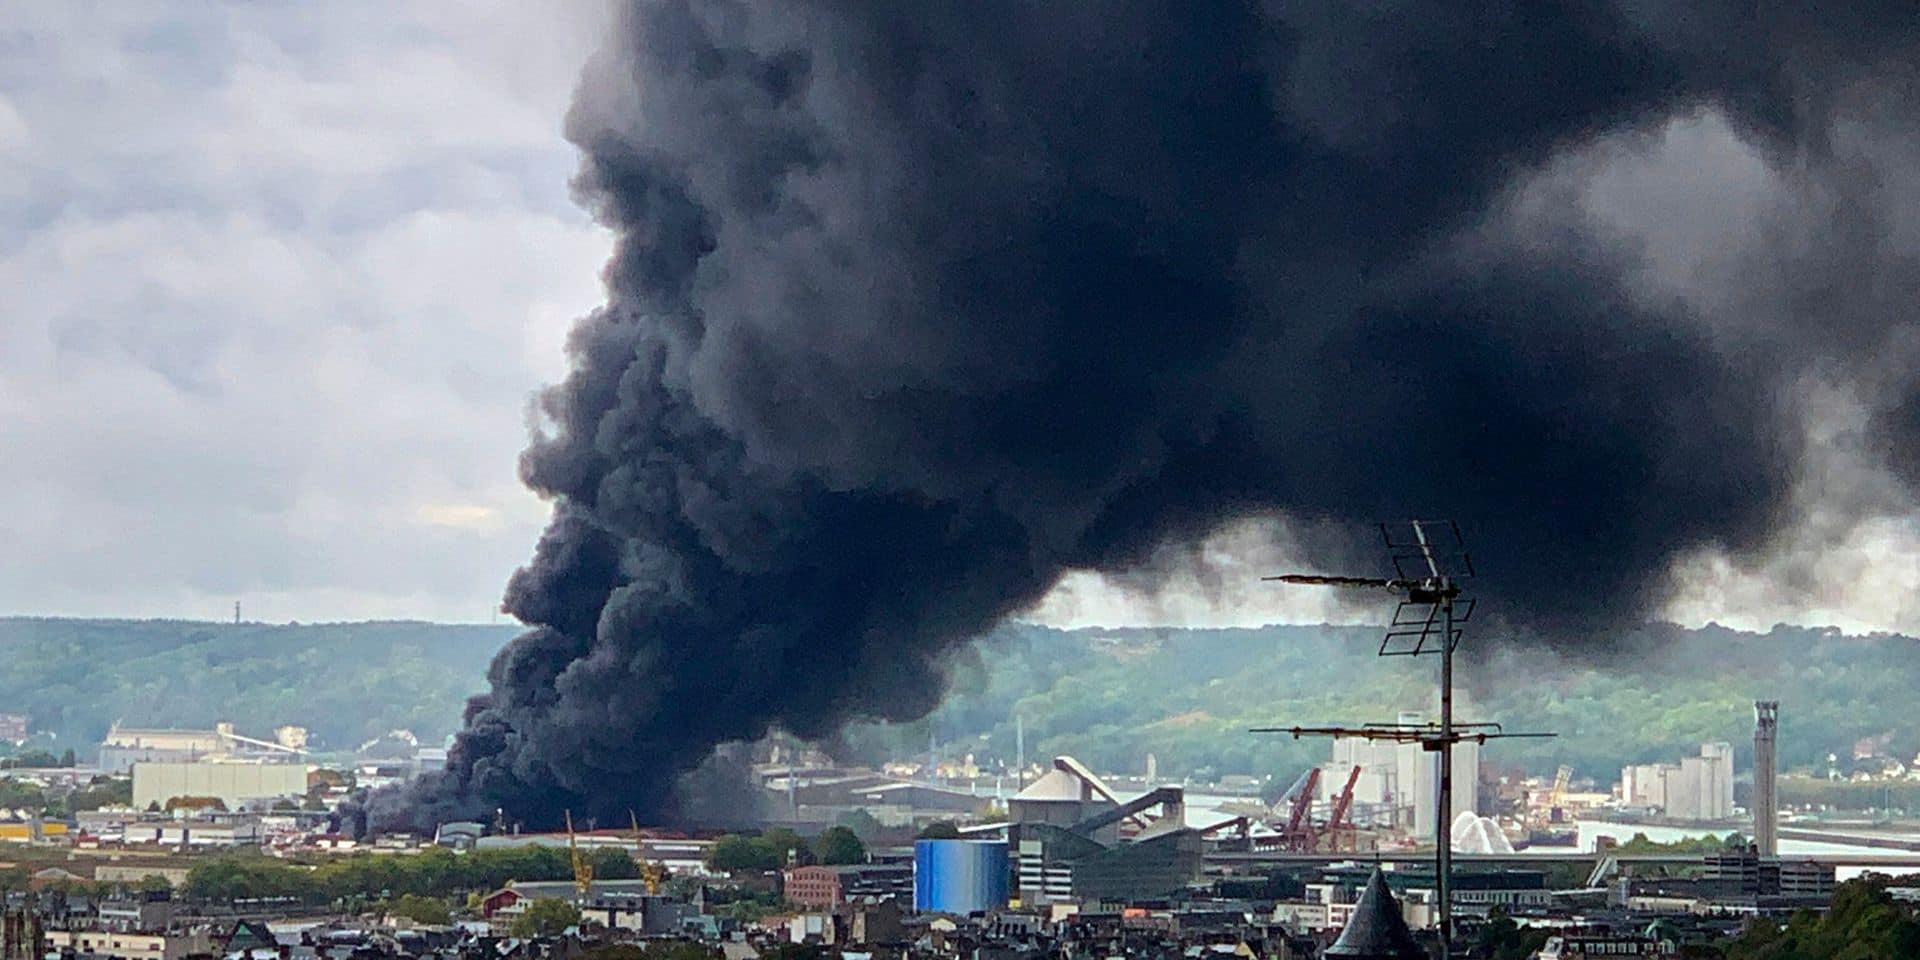 Incendie d'une usine Seveso à Rouen: Plus de 100 maires et élus normands interpellent le Premier ministre